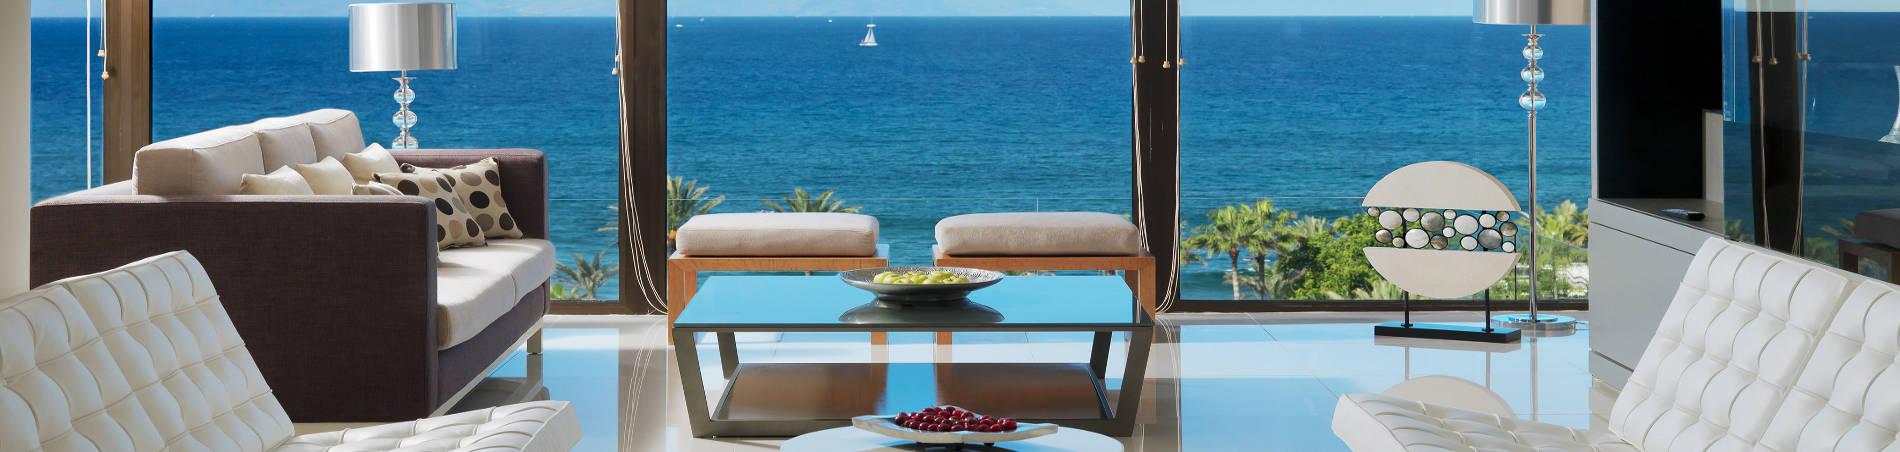 Tenerife – Hotel Senza Barriere direttamente sul mare